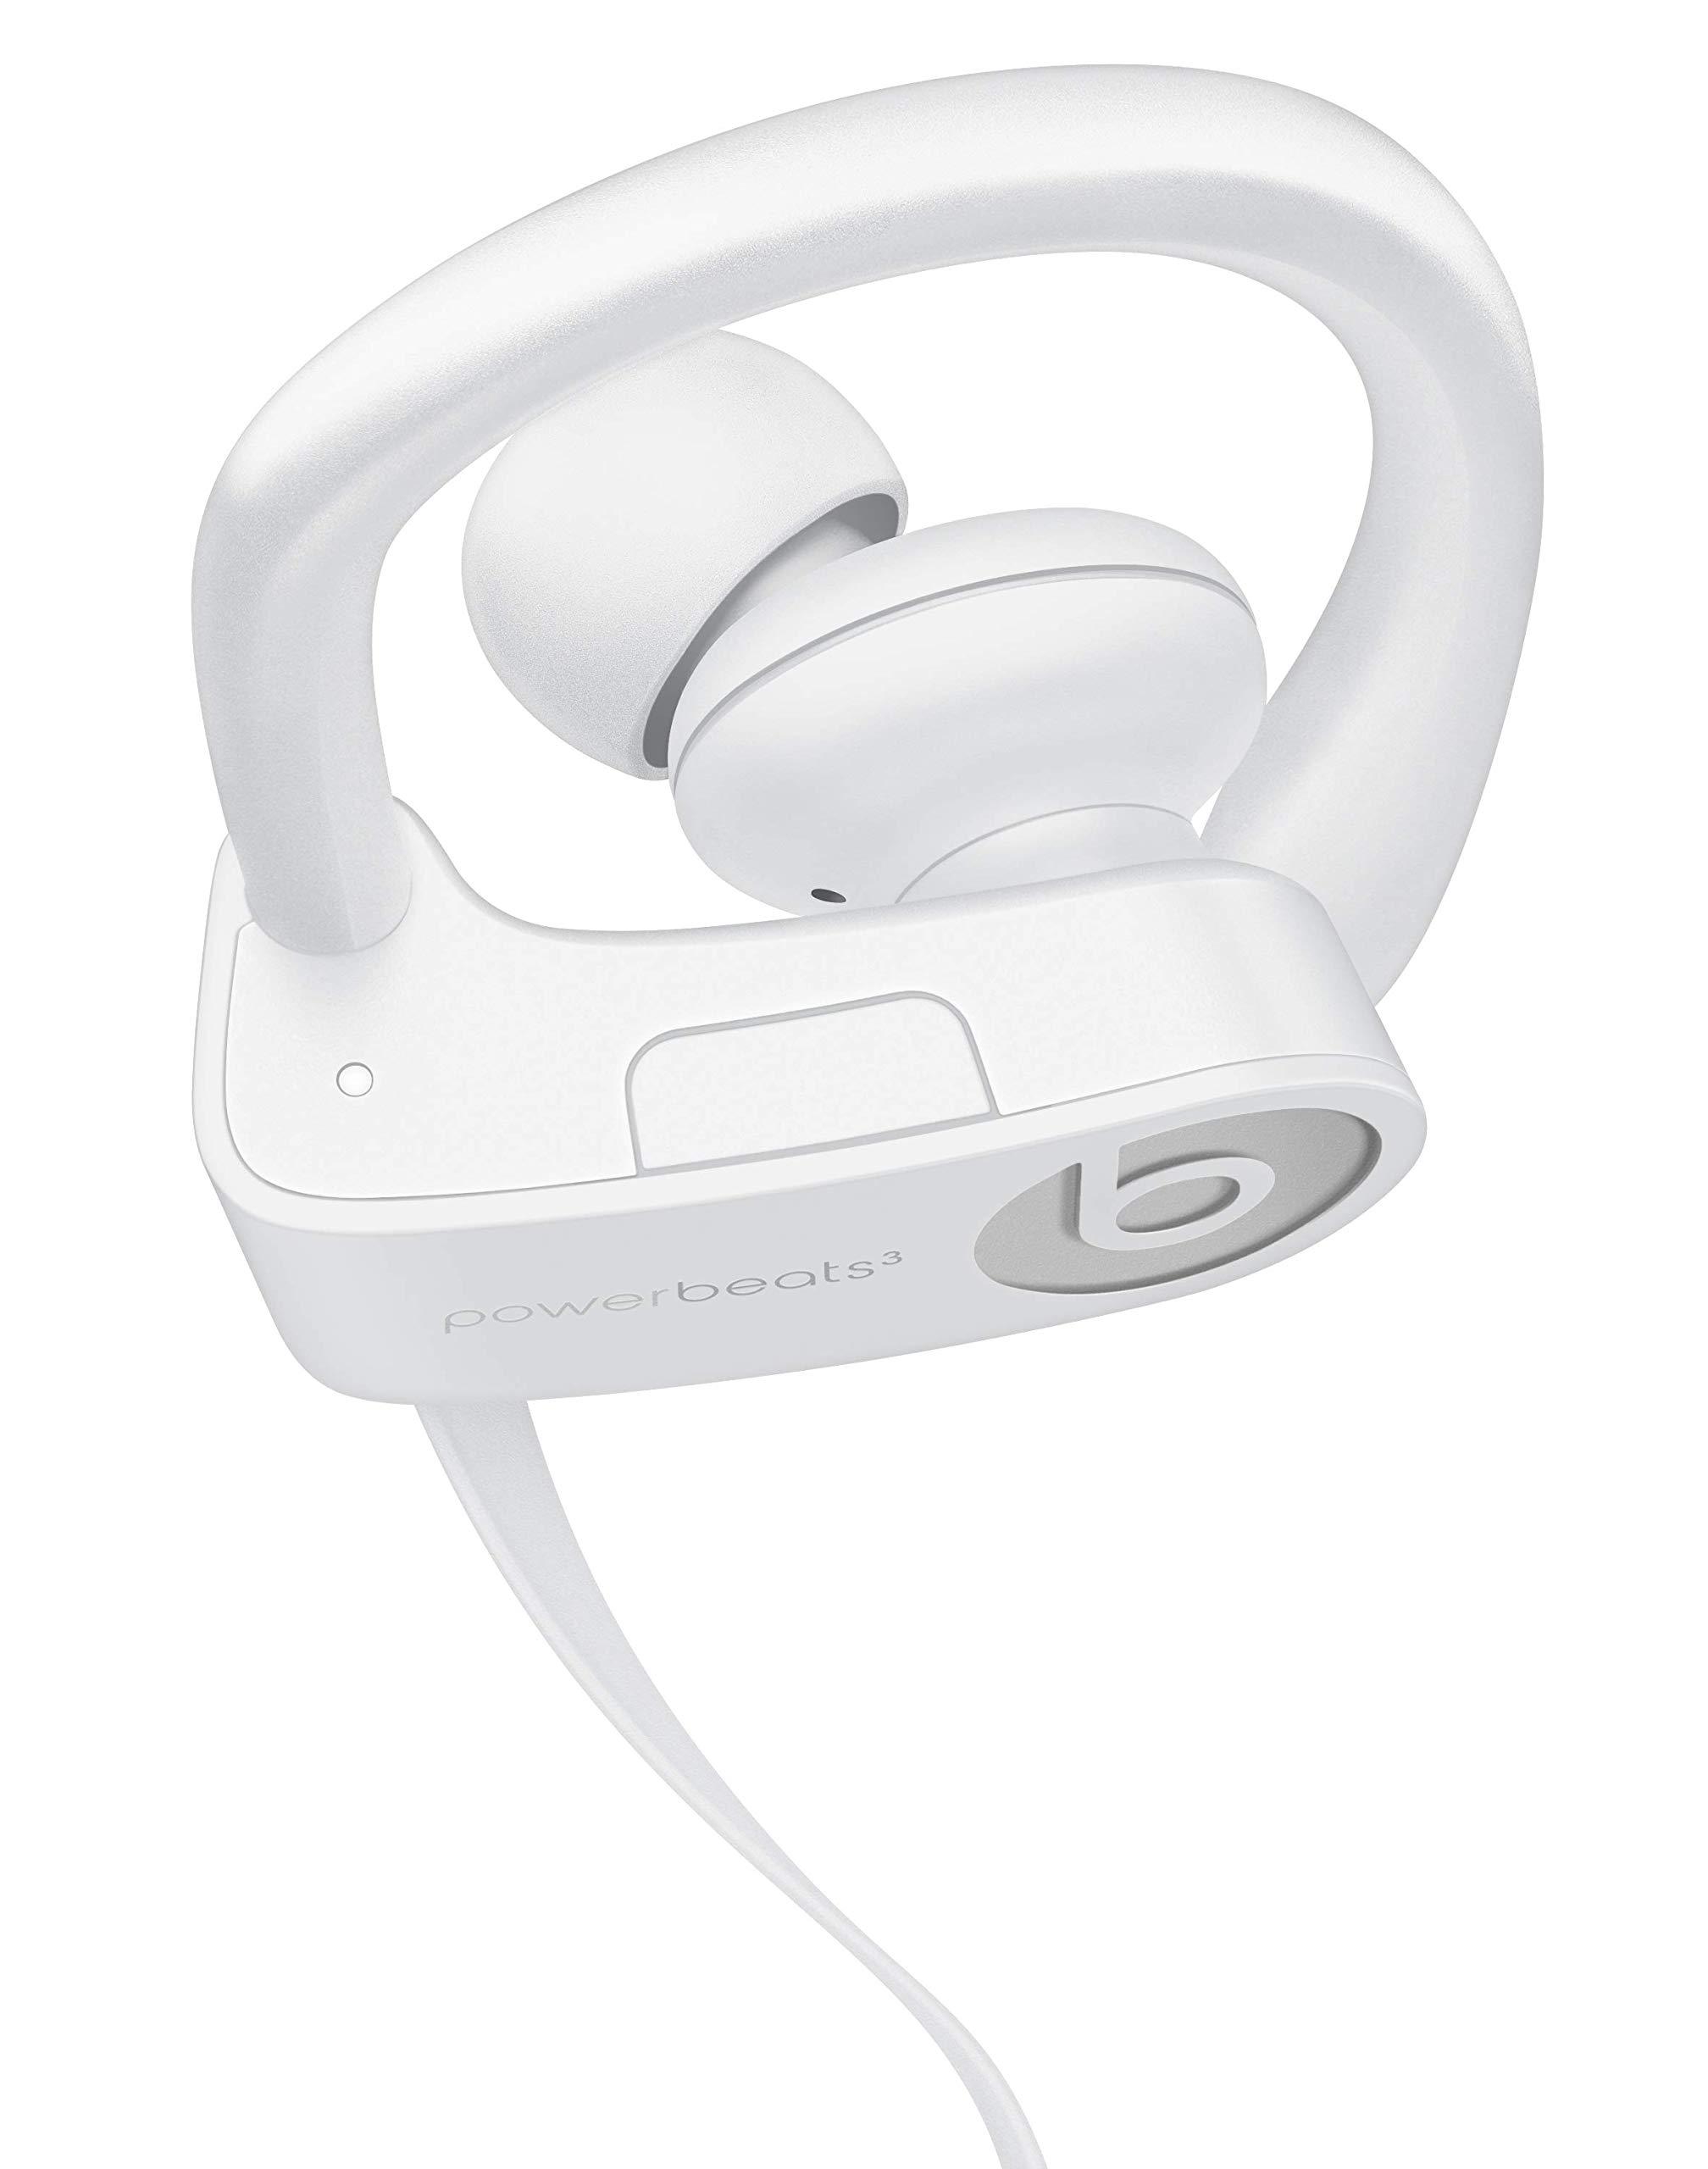 Powerbeats3 Wireless Earphones - White by Beats (Image #5)